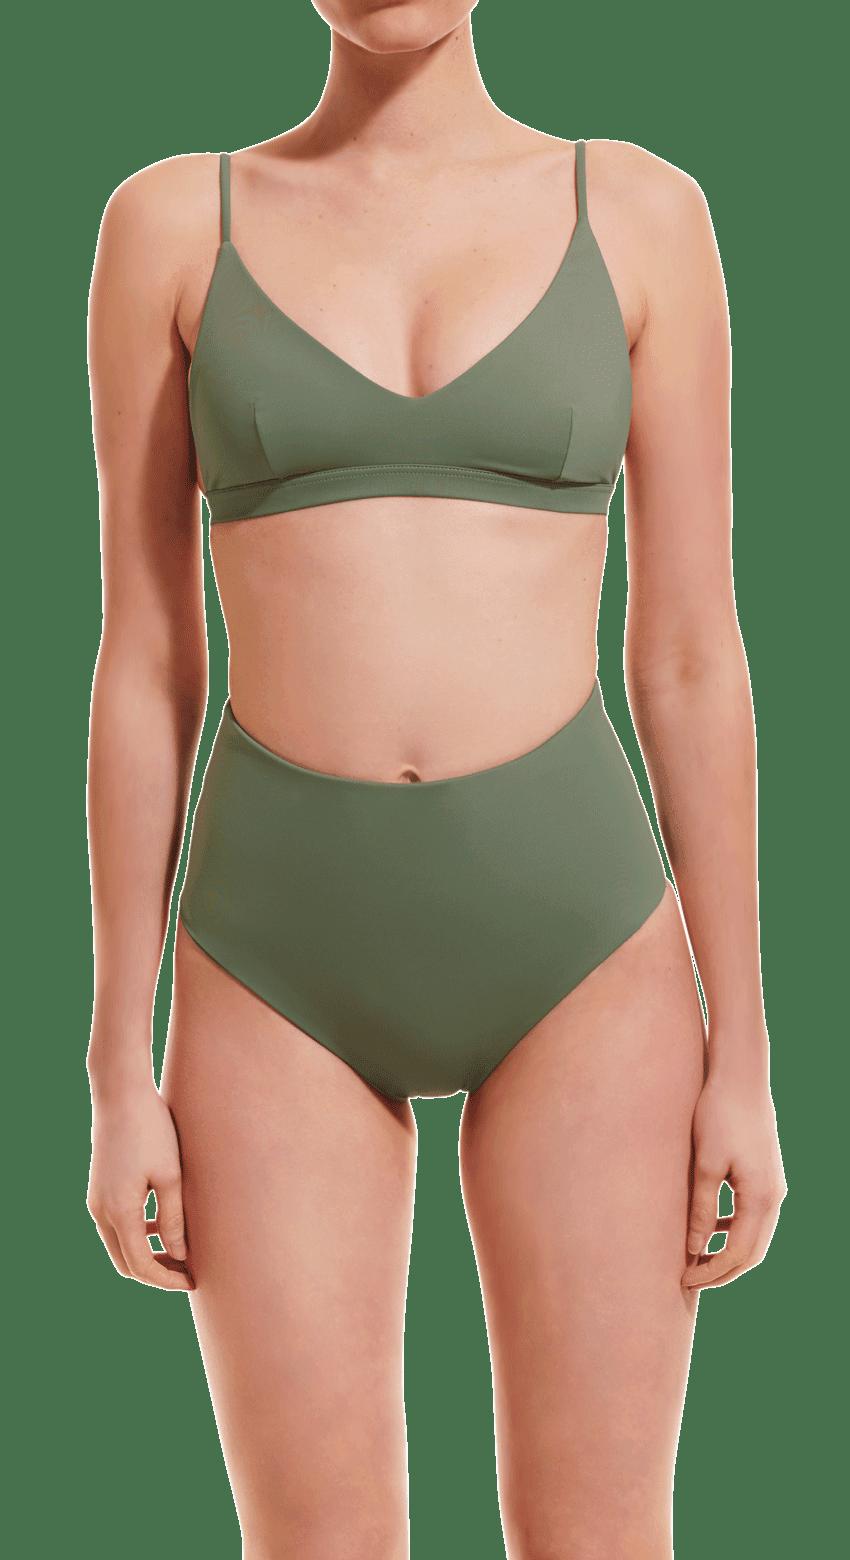 High waist brief